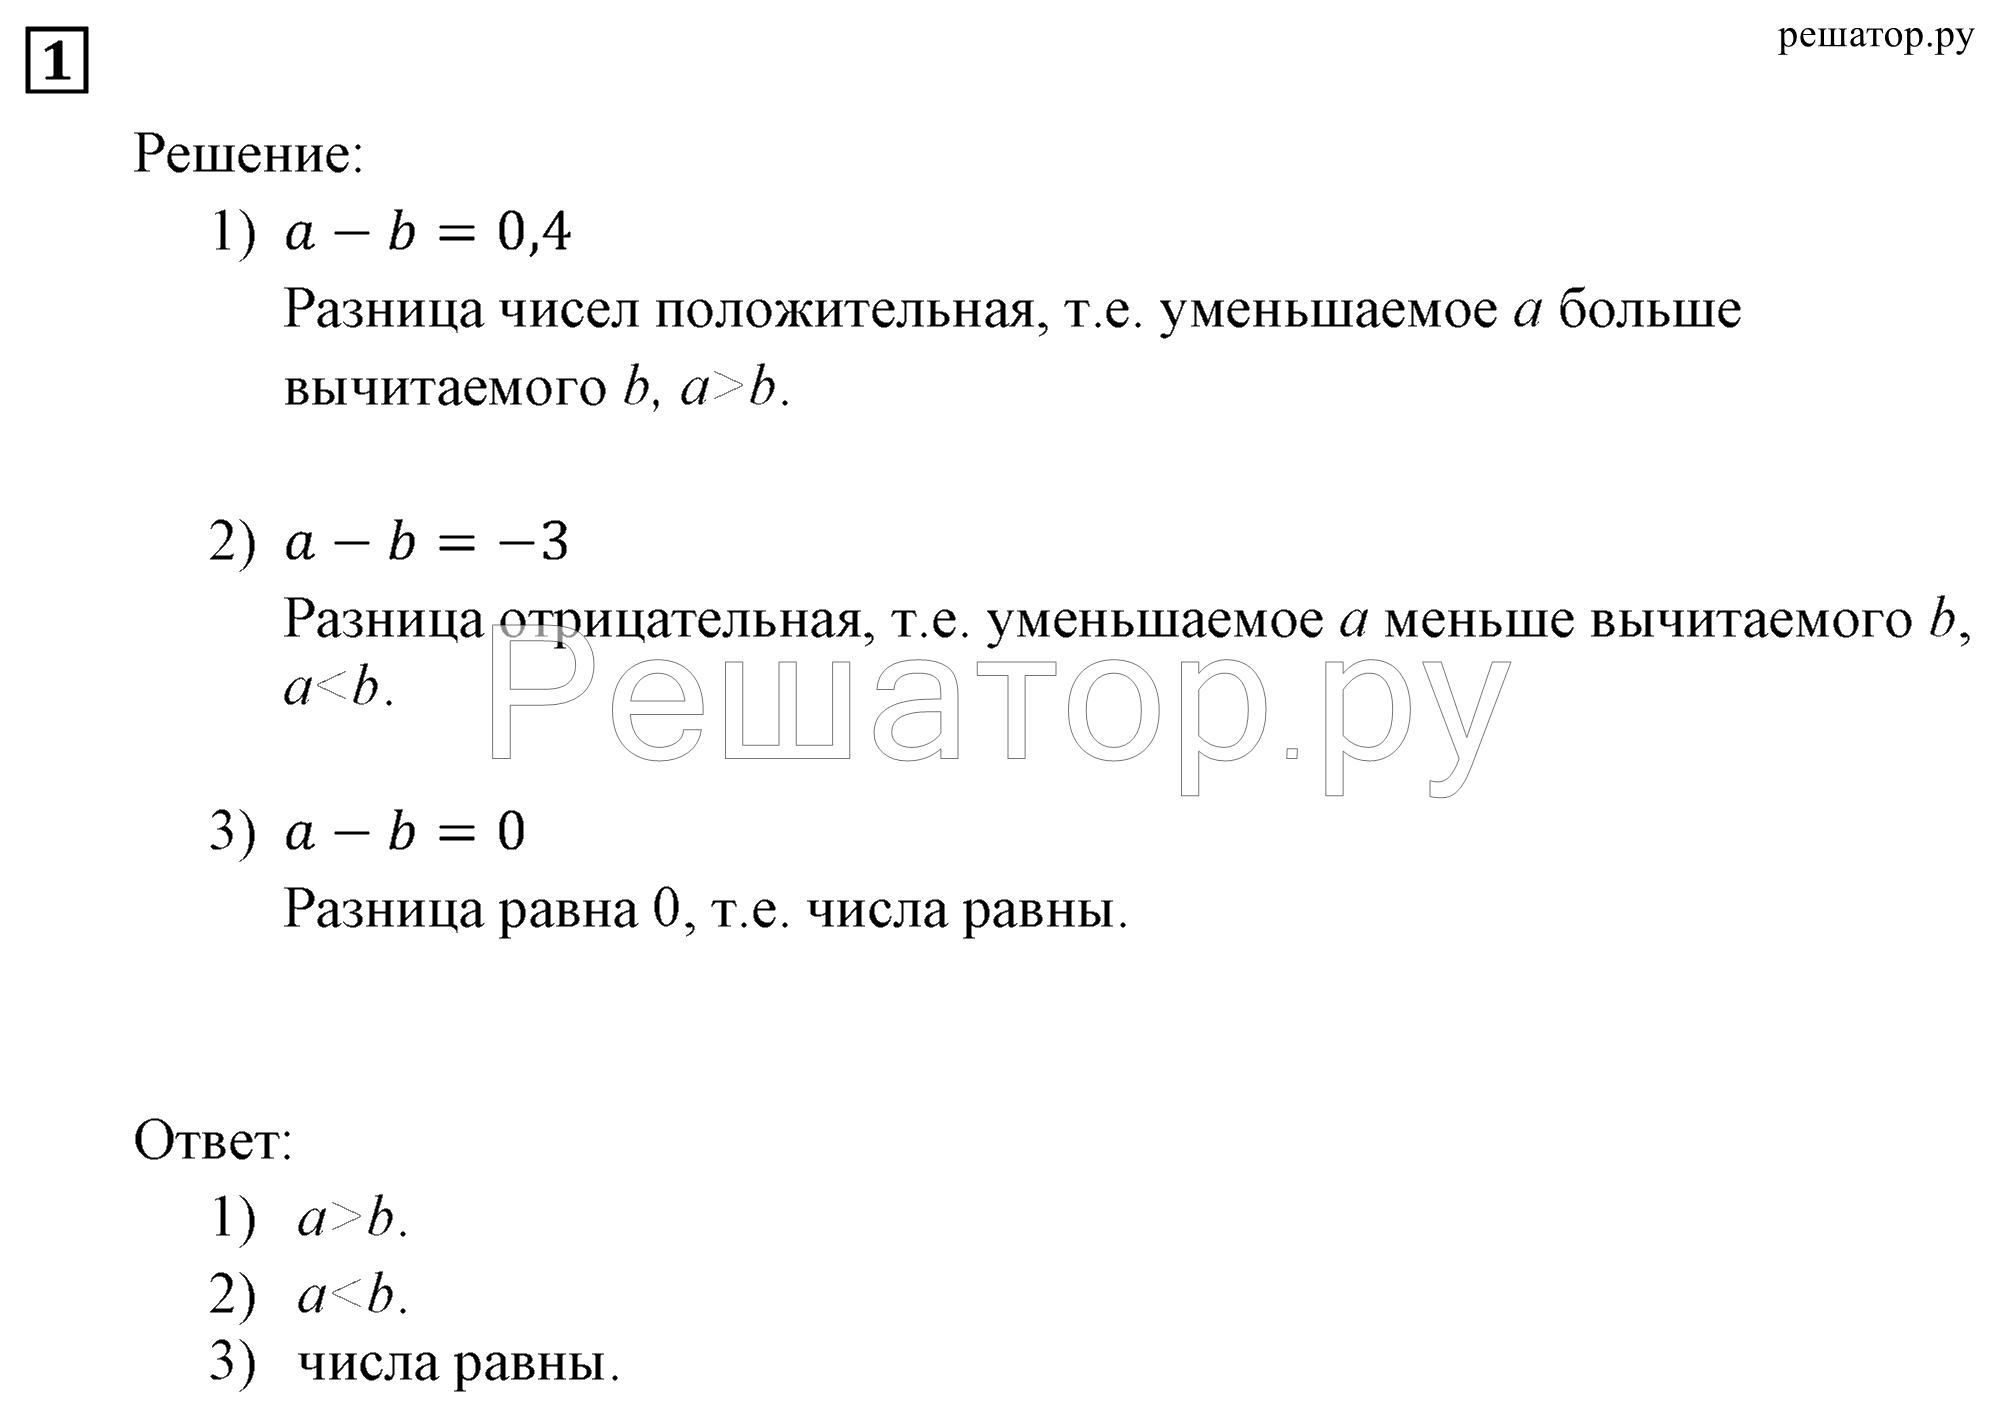 Задания: 1 - решебник №2